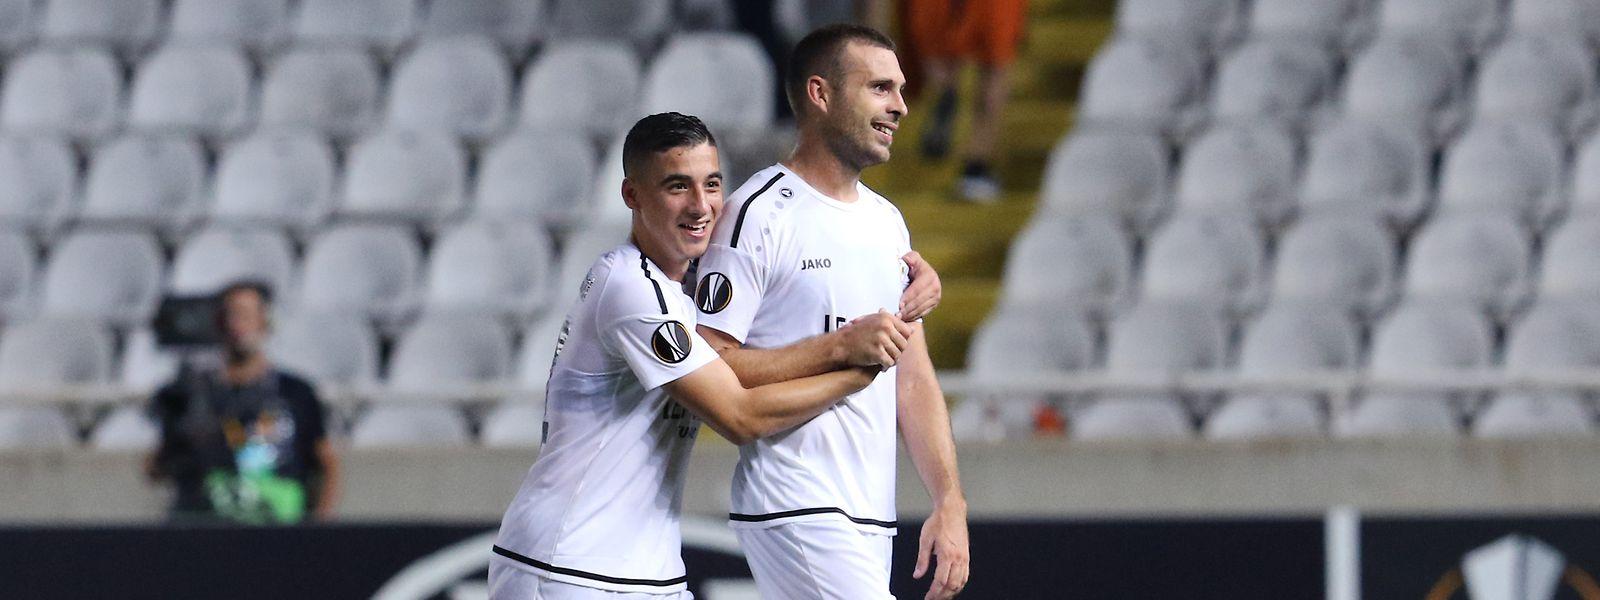 Große Freude bei Mohamed Bouchouari und Mickaël Garos.